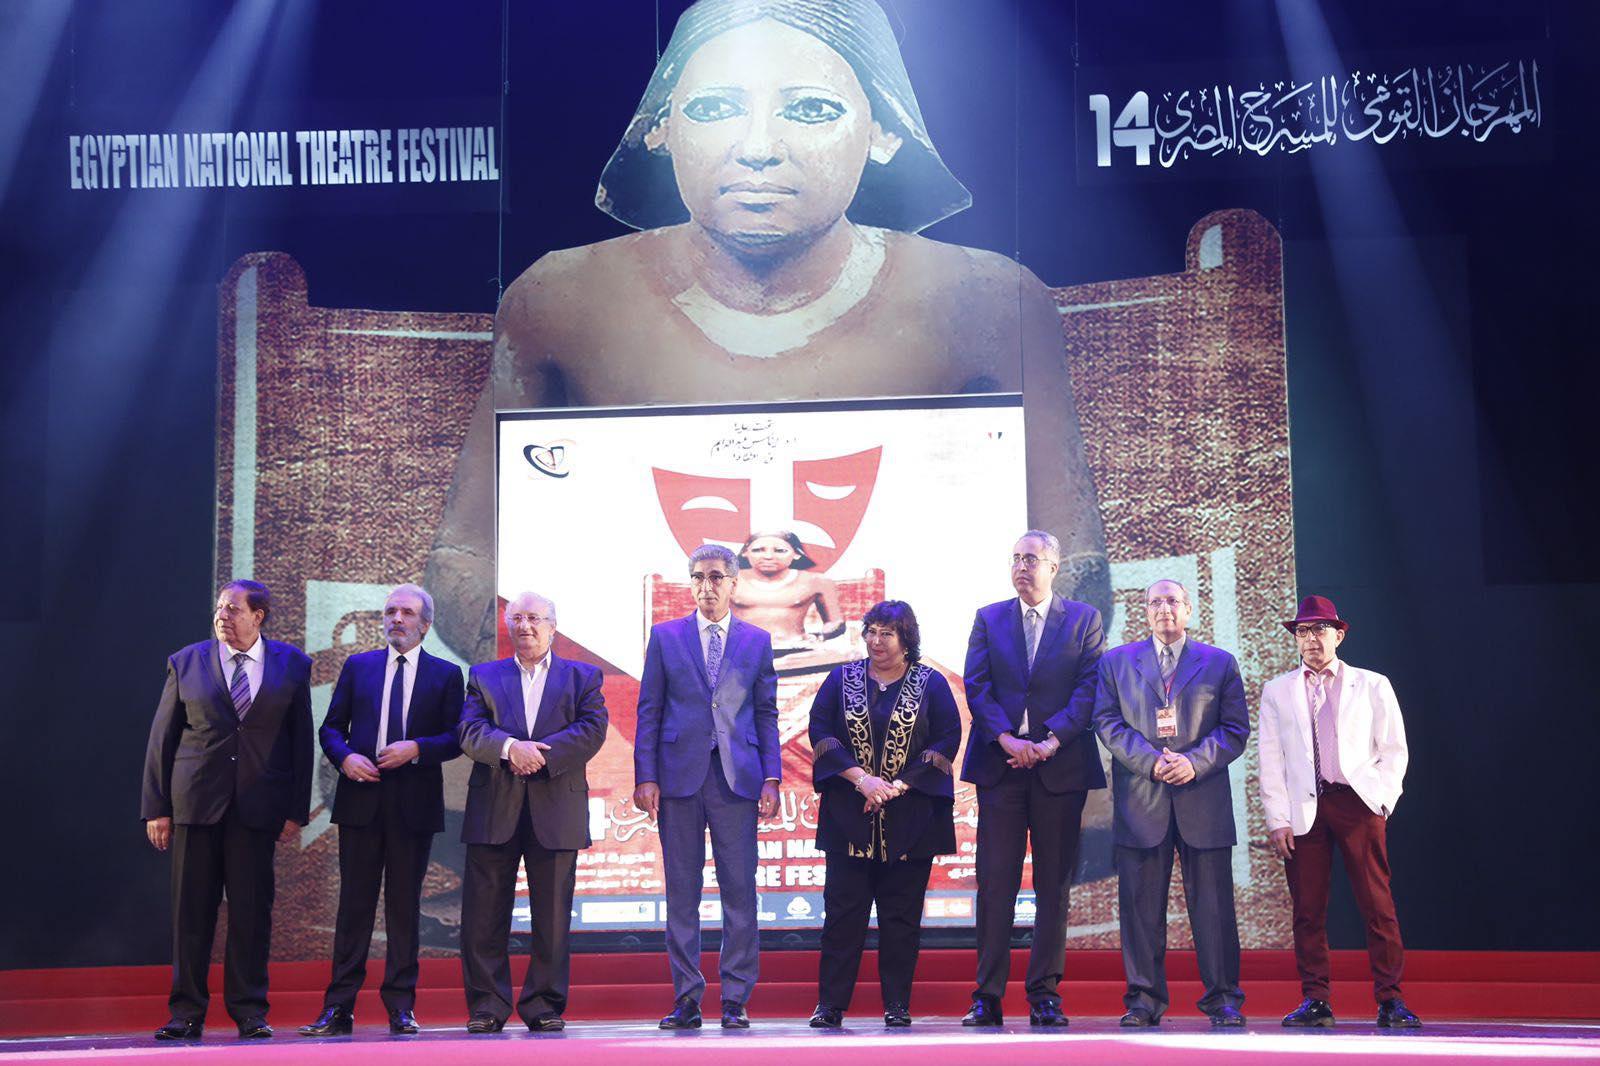 القومي للمسرح يكرّم لجنة المشاهدة واختيار العروض ويعلن أسماء لجنة التحكيم